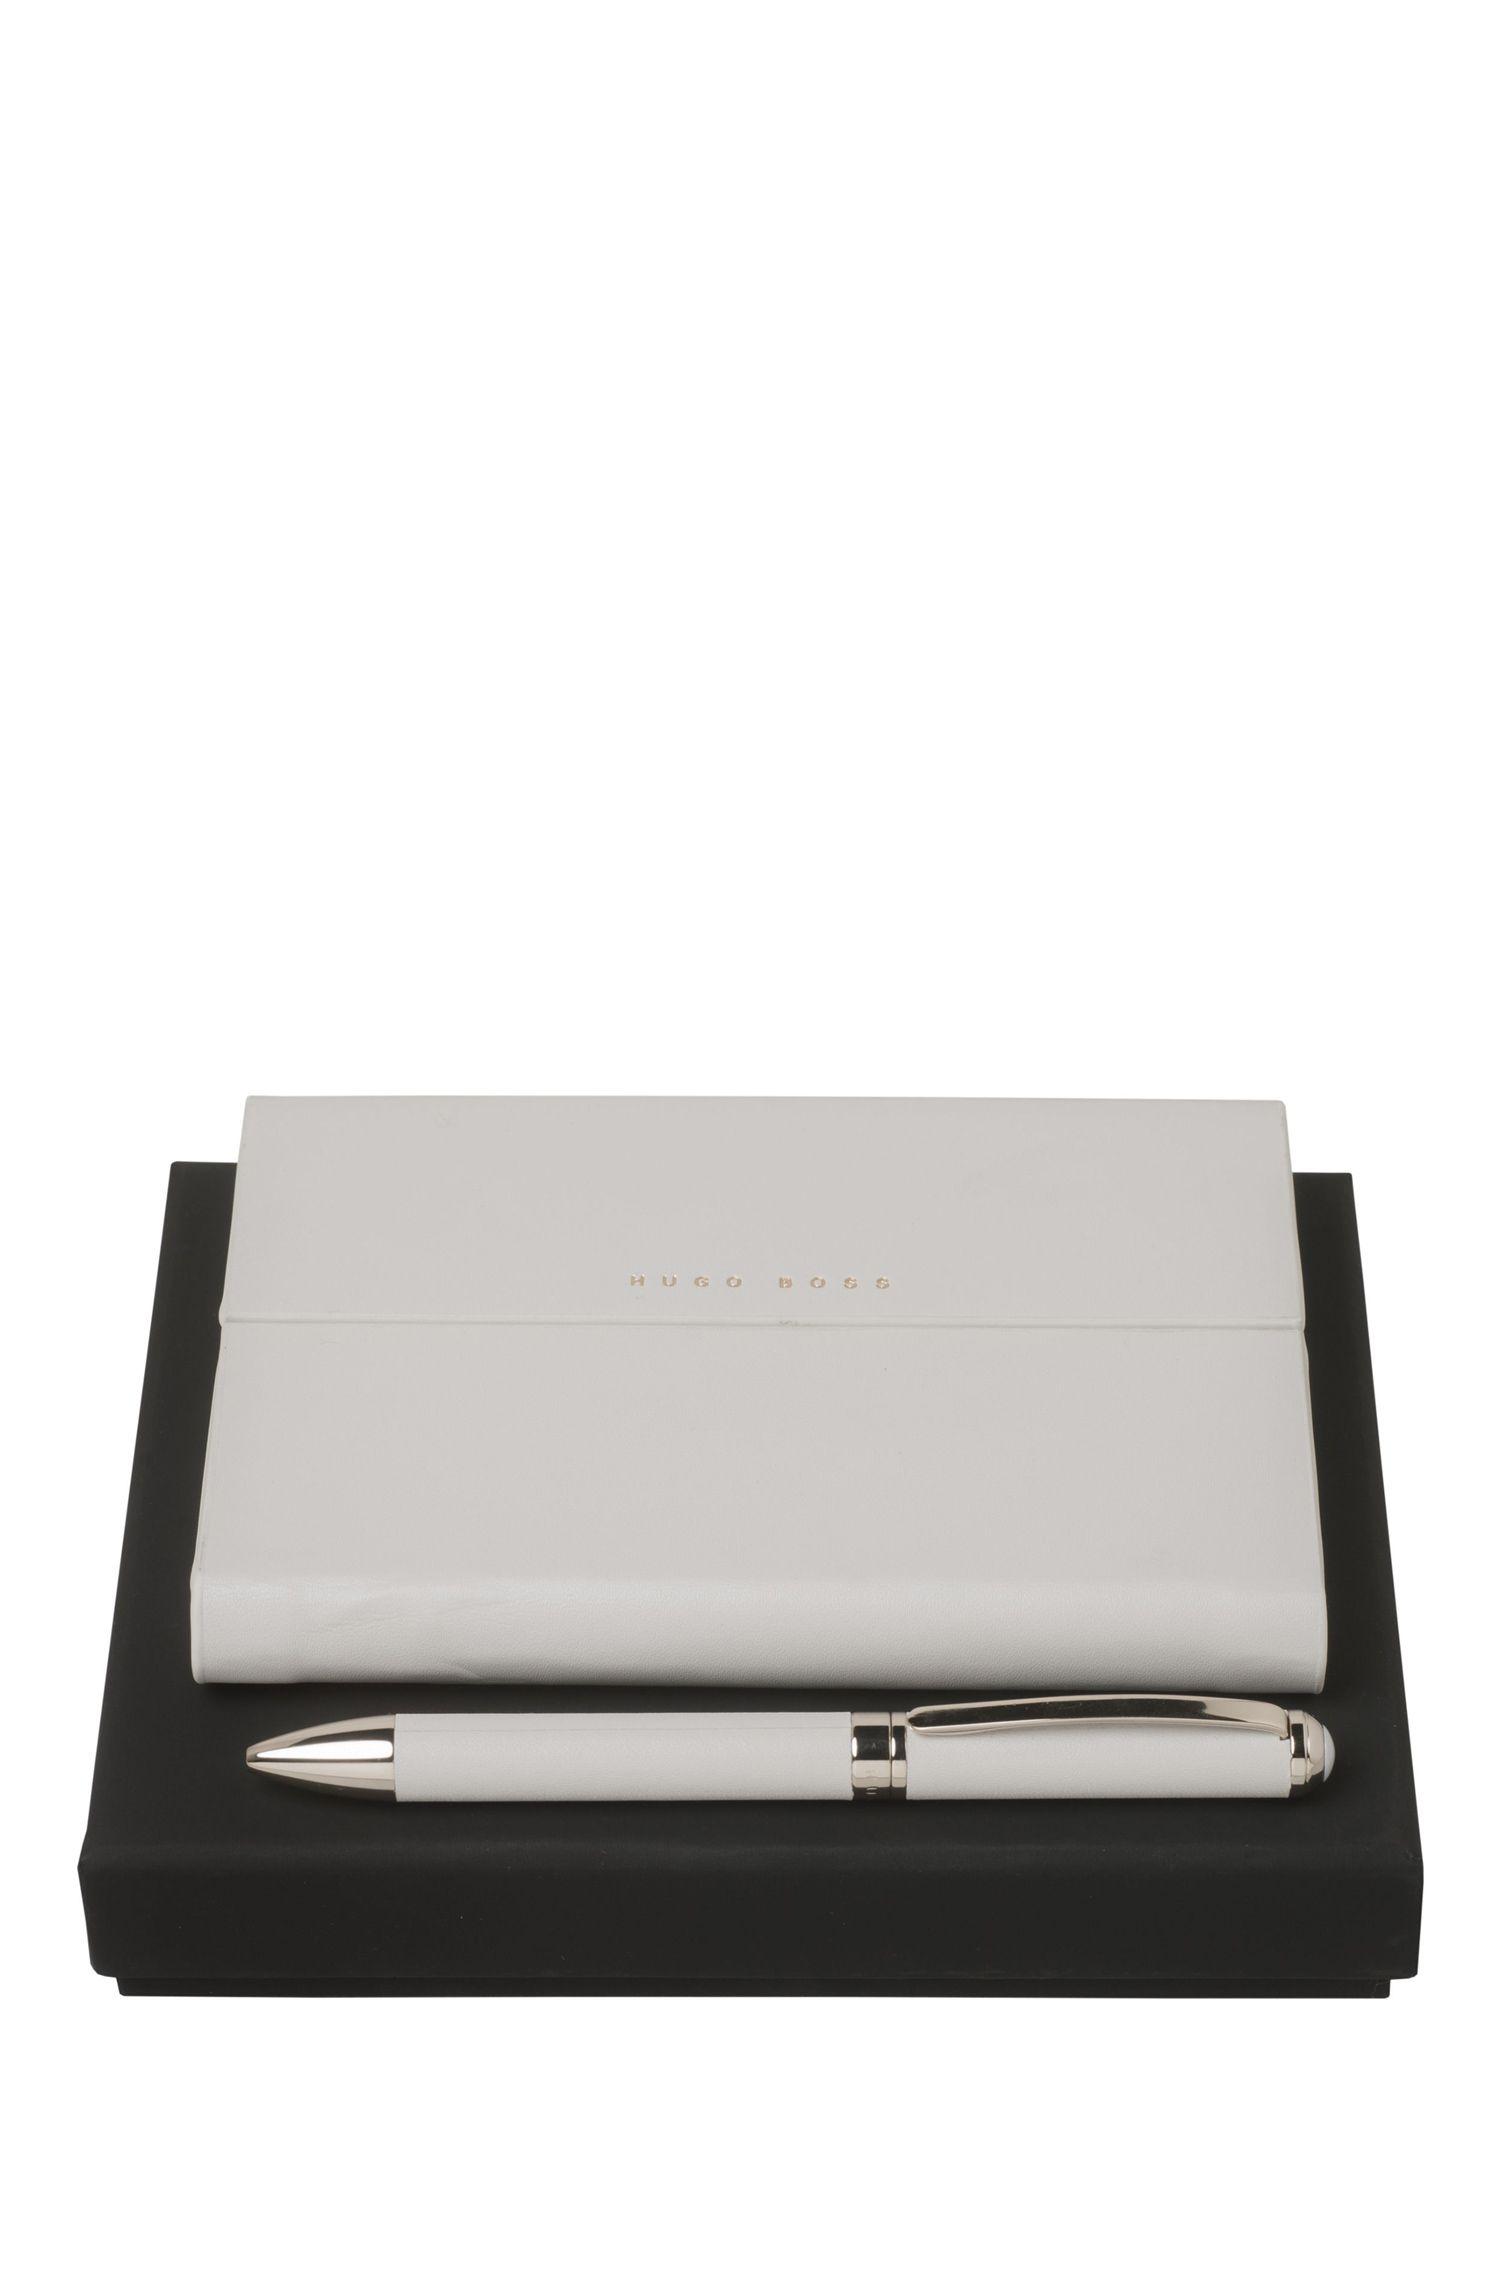 Verse Ballpoint Pen & Notebook Set | HPBM606K